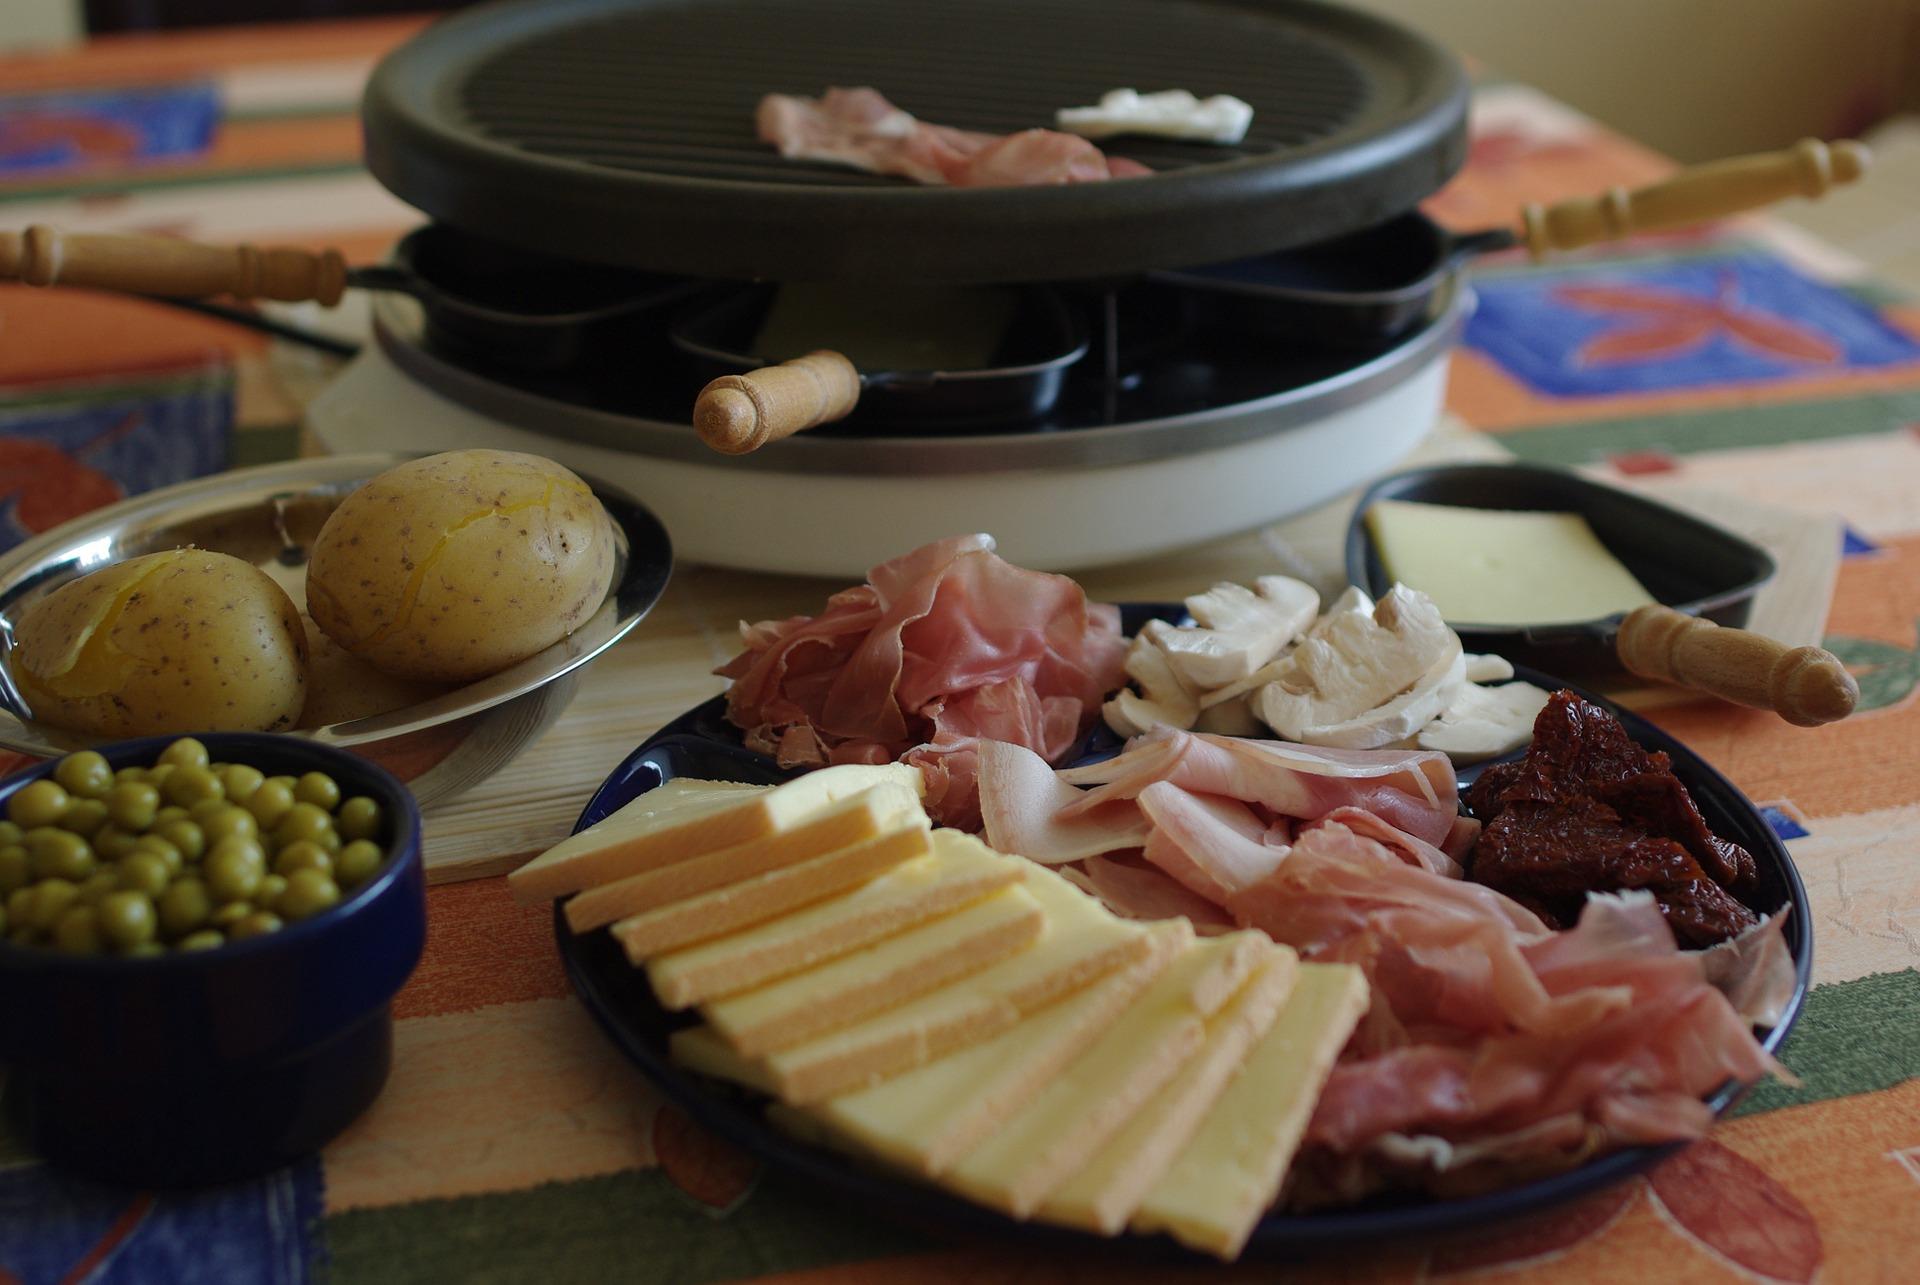 Piatto con antipasti e raclette sullo sfondo